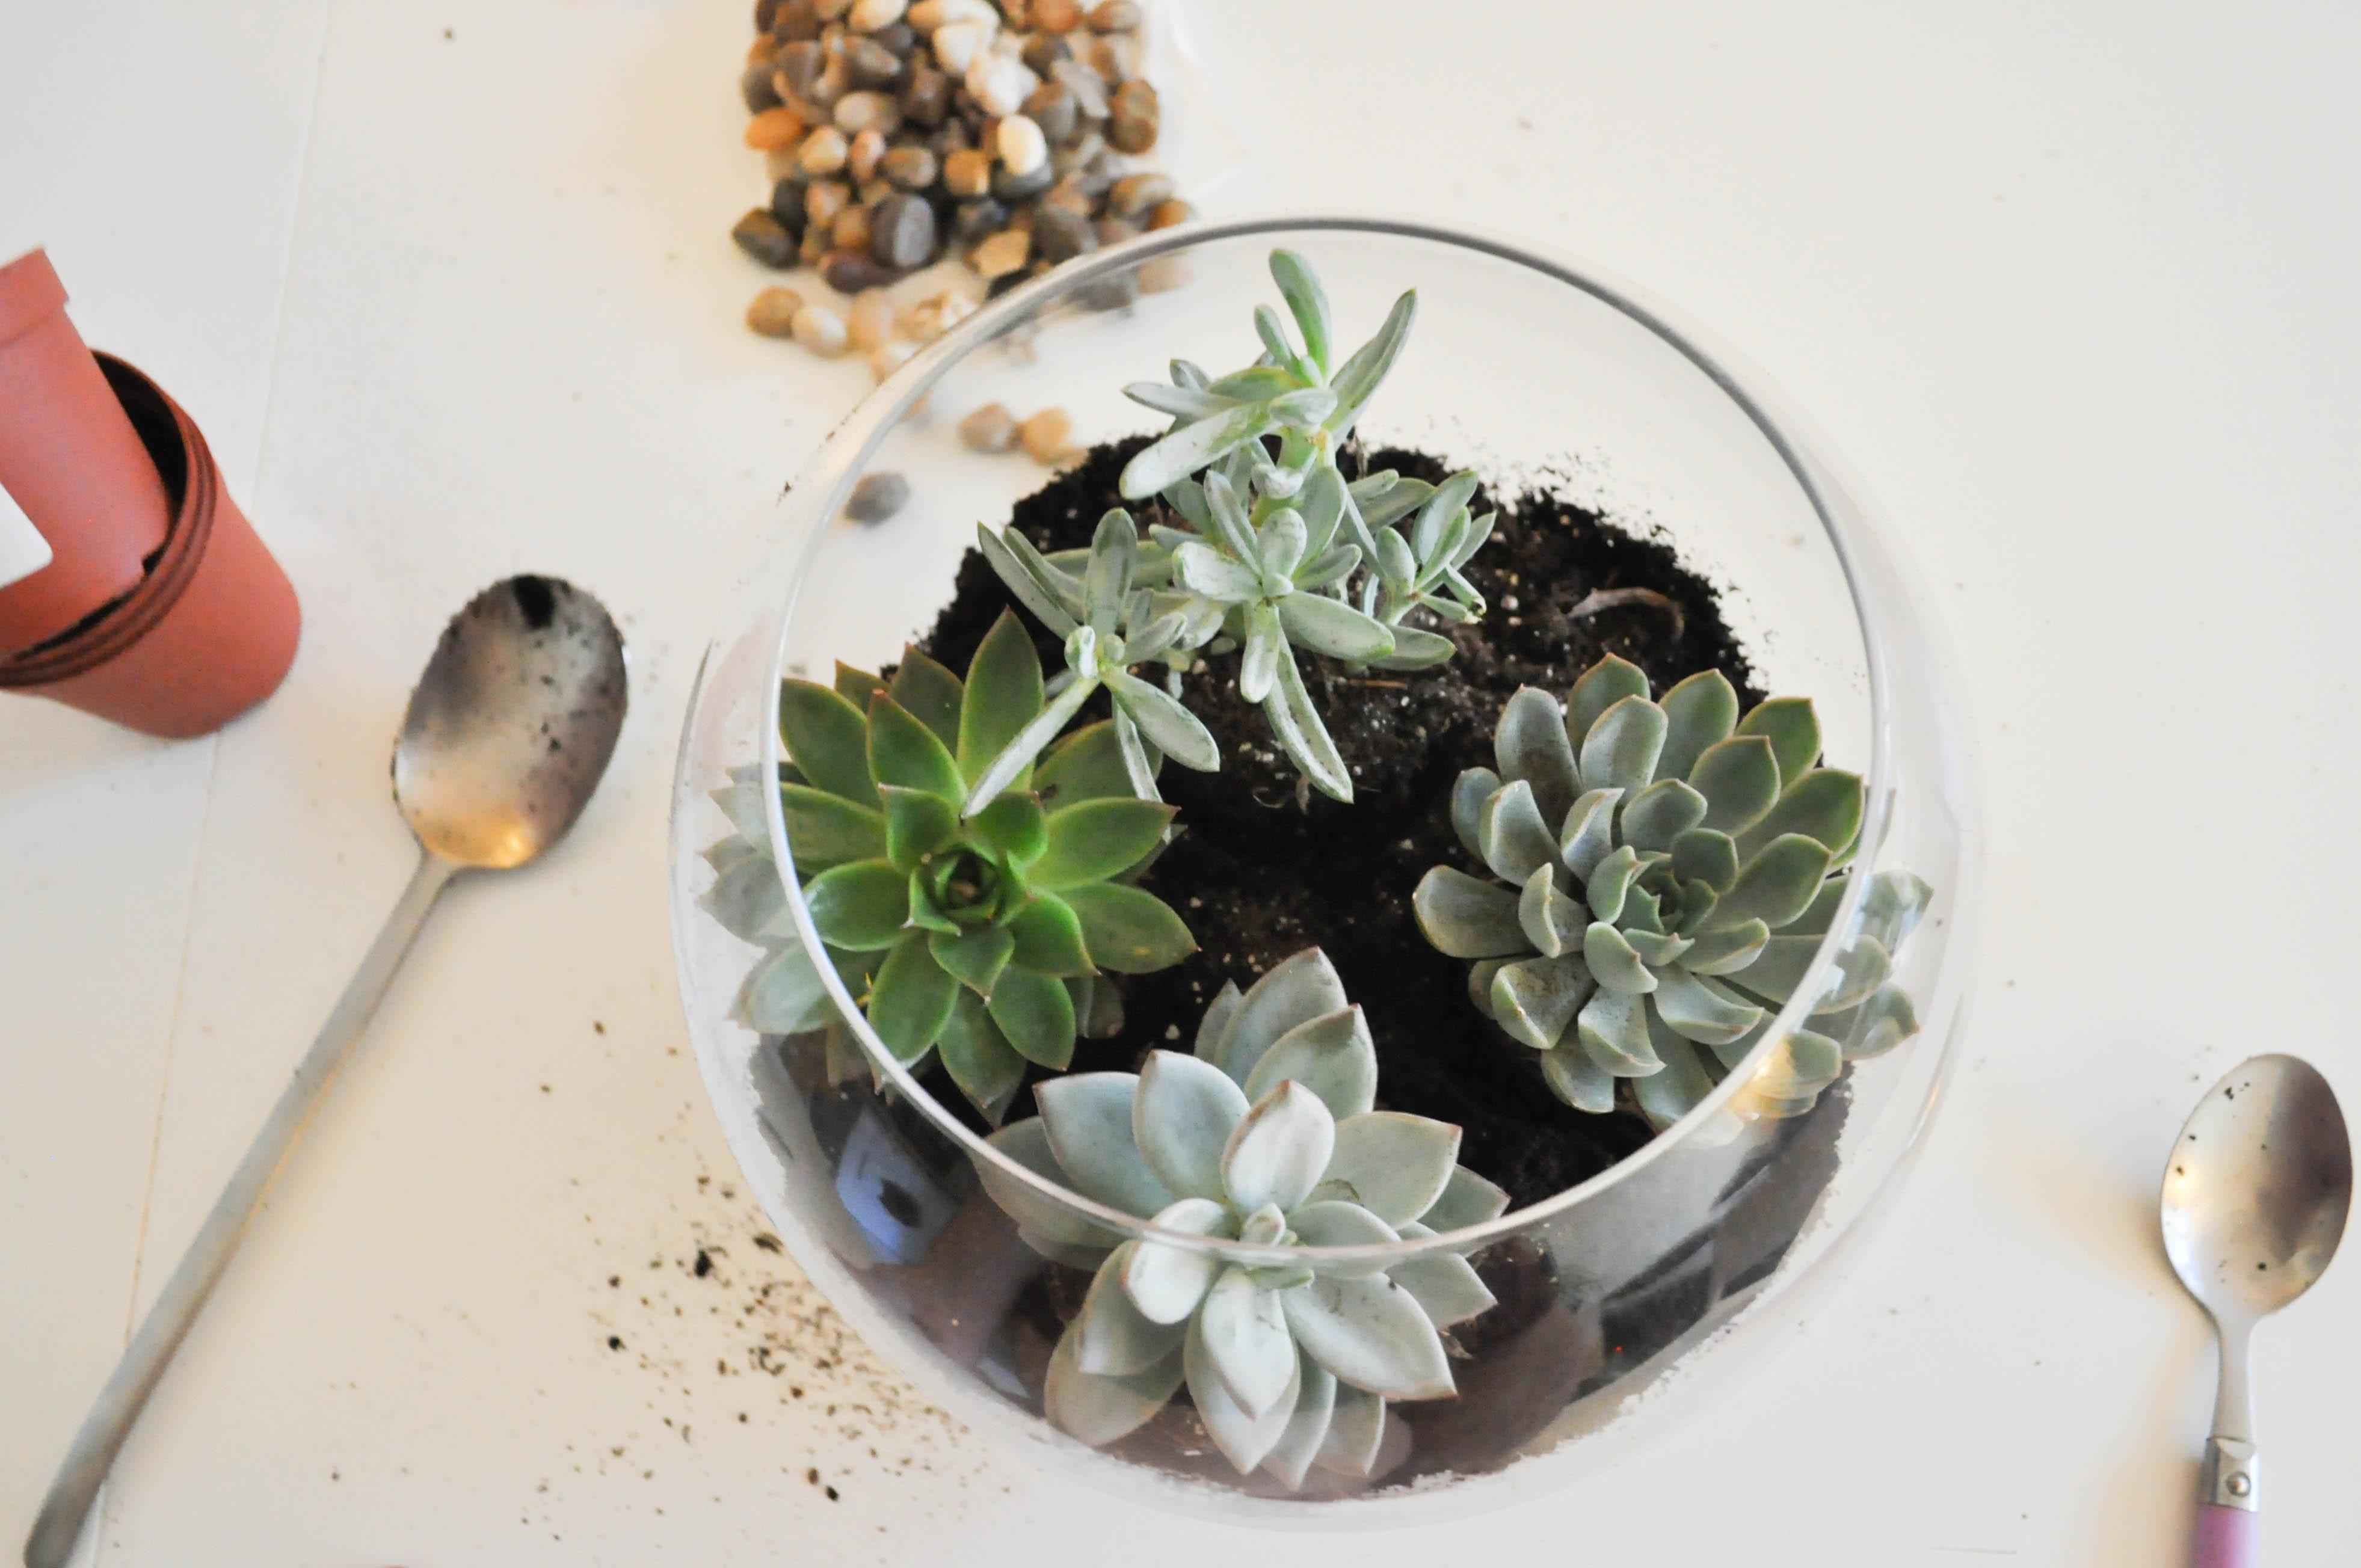 Comment Faire Un Terrarium Plante Grasse diy : faire son terrarium de plantes